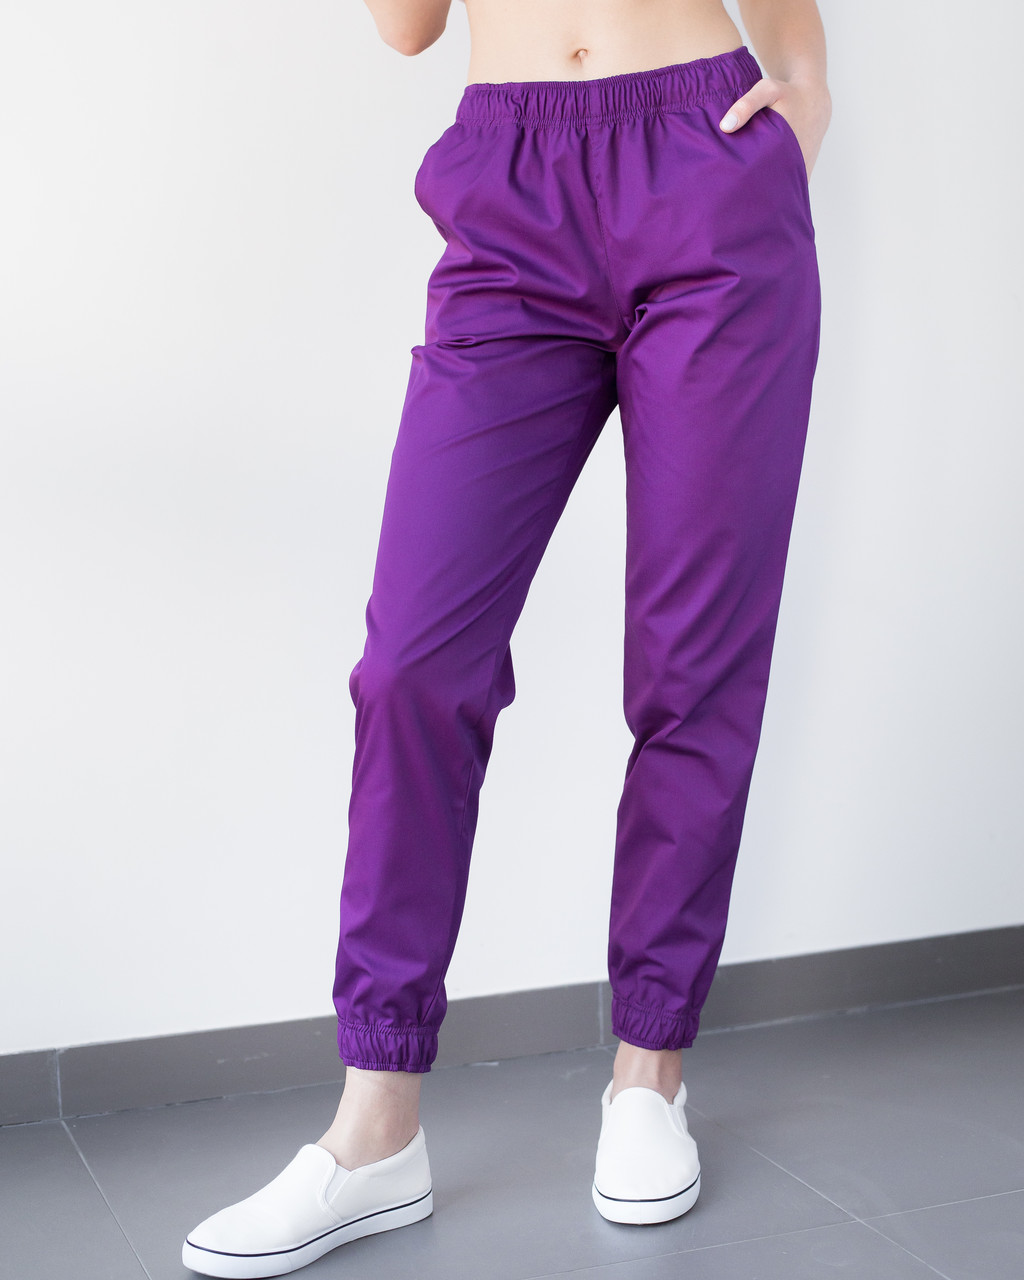 Медицинские женские джоггеры фиолетовые